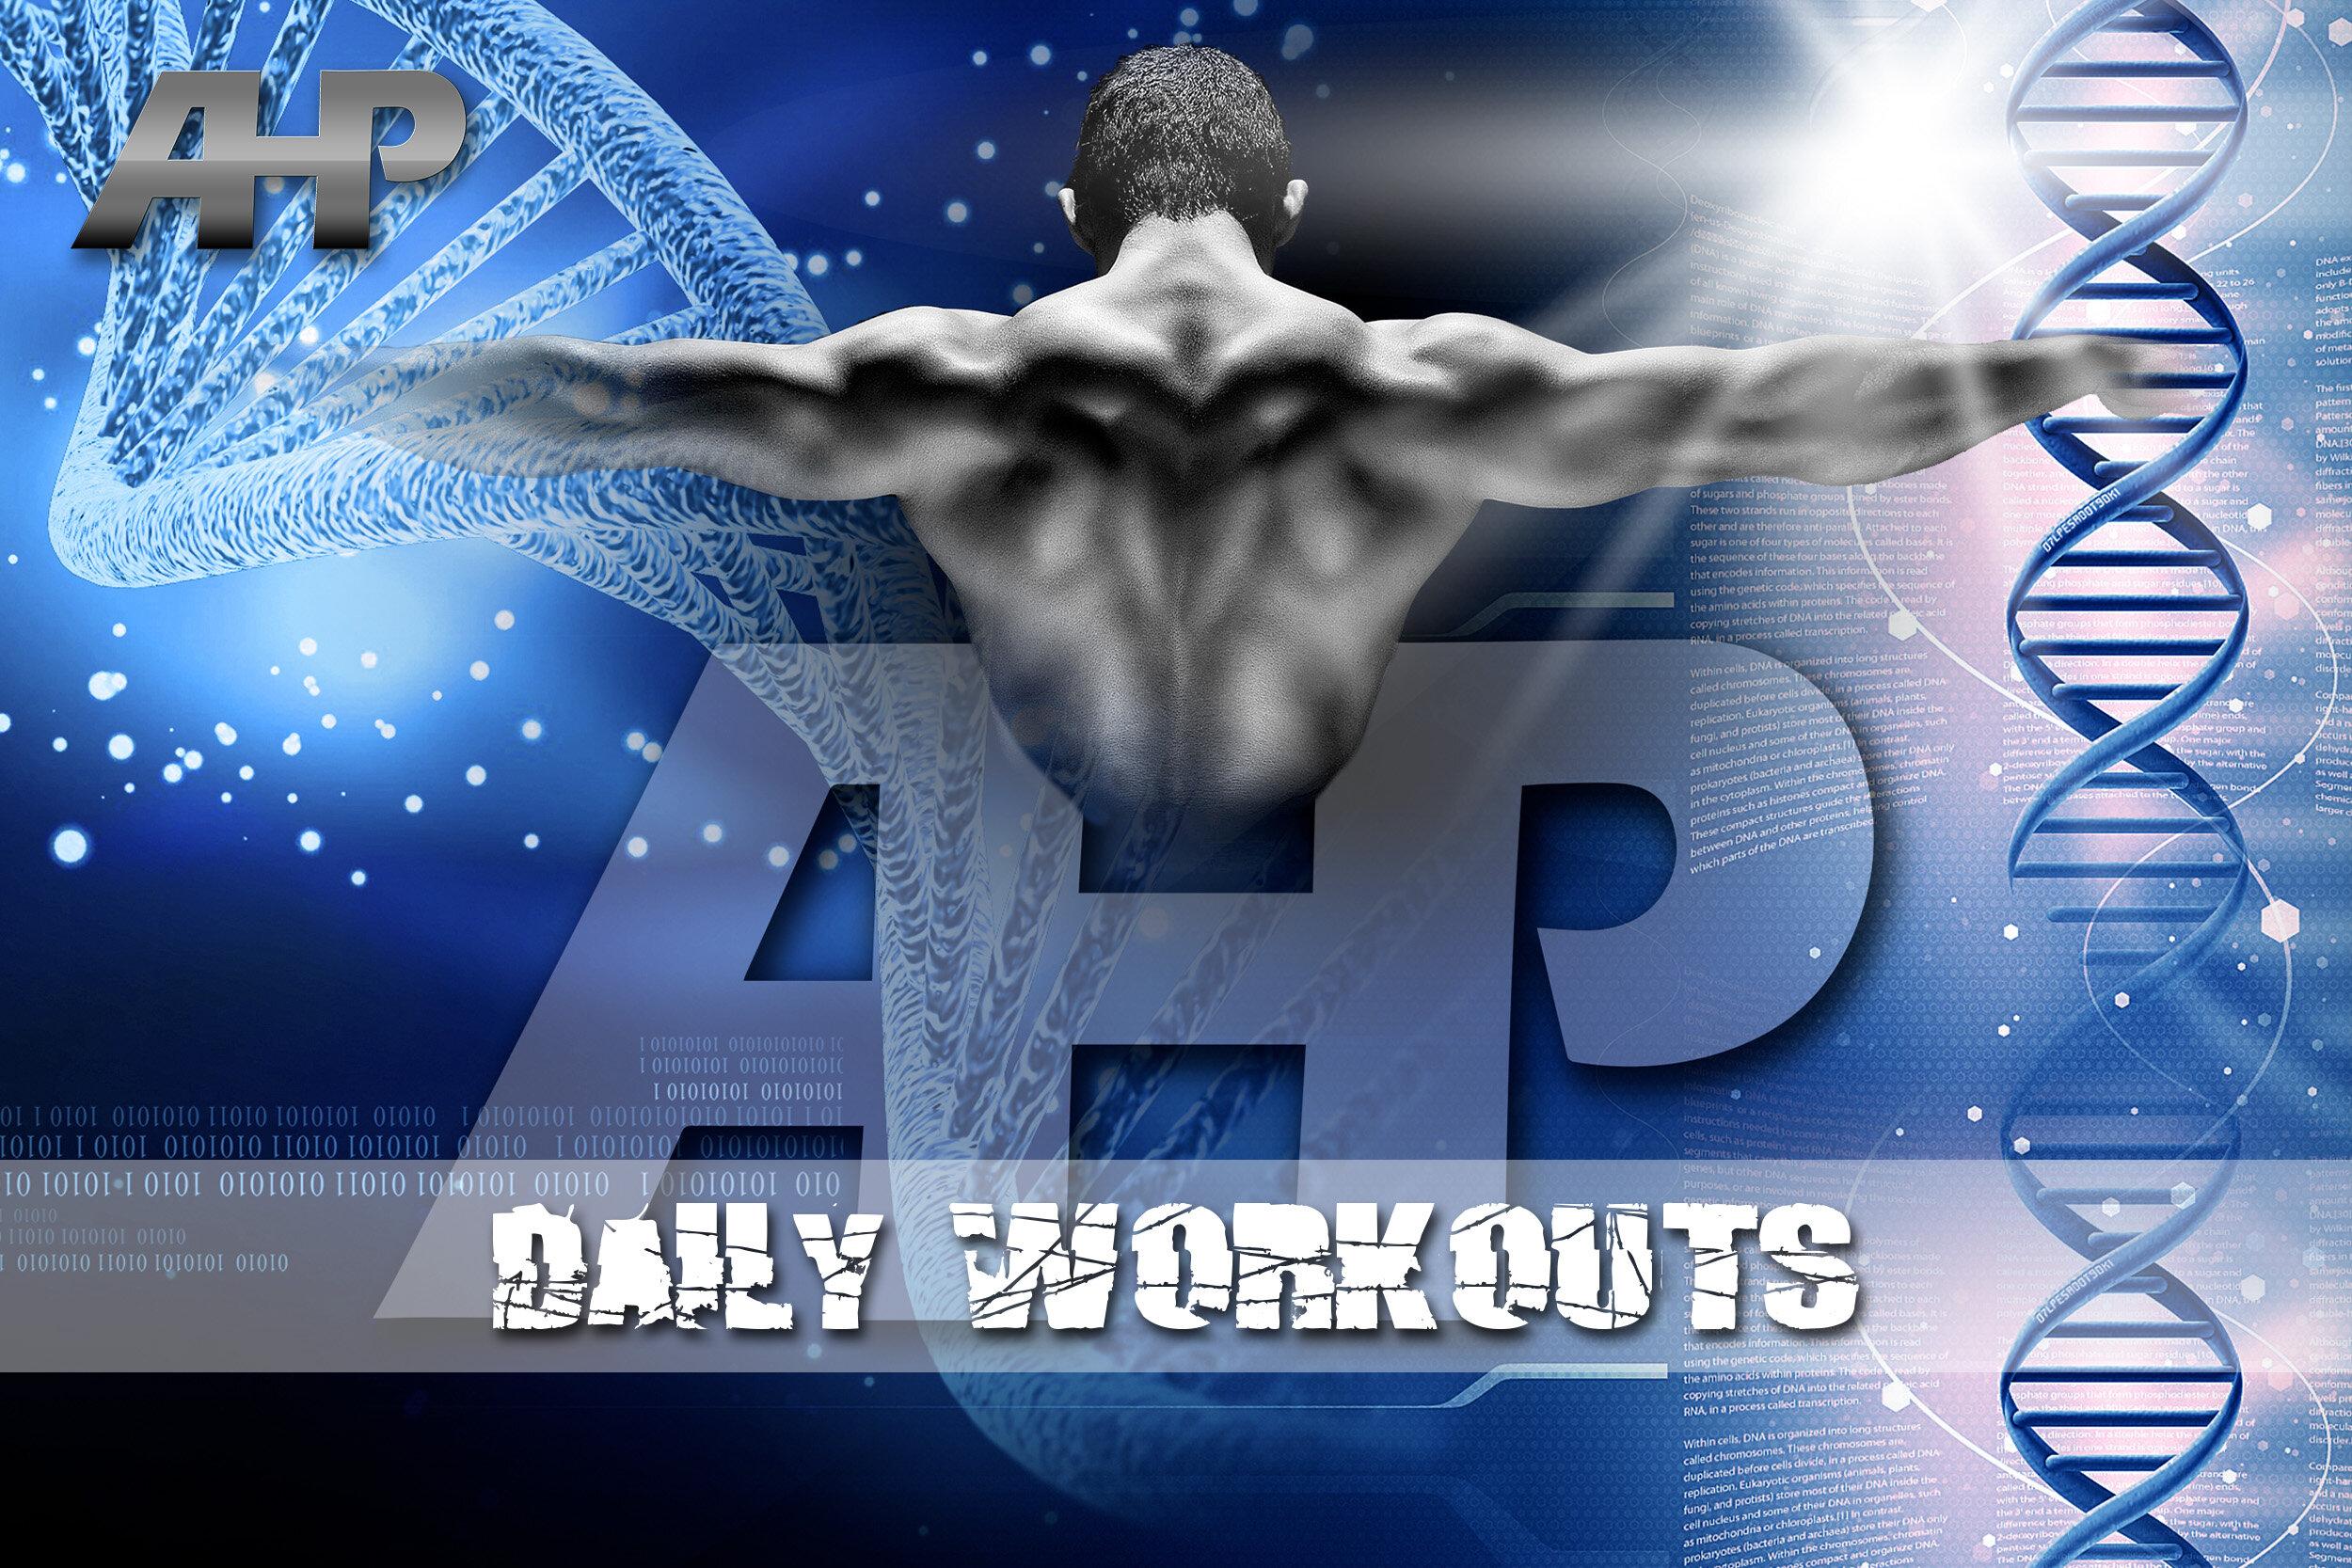 Daily Workouts Thumbnail (AHP).jpg